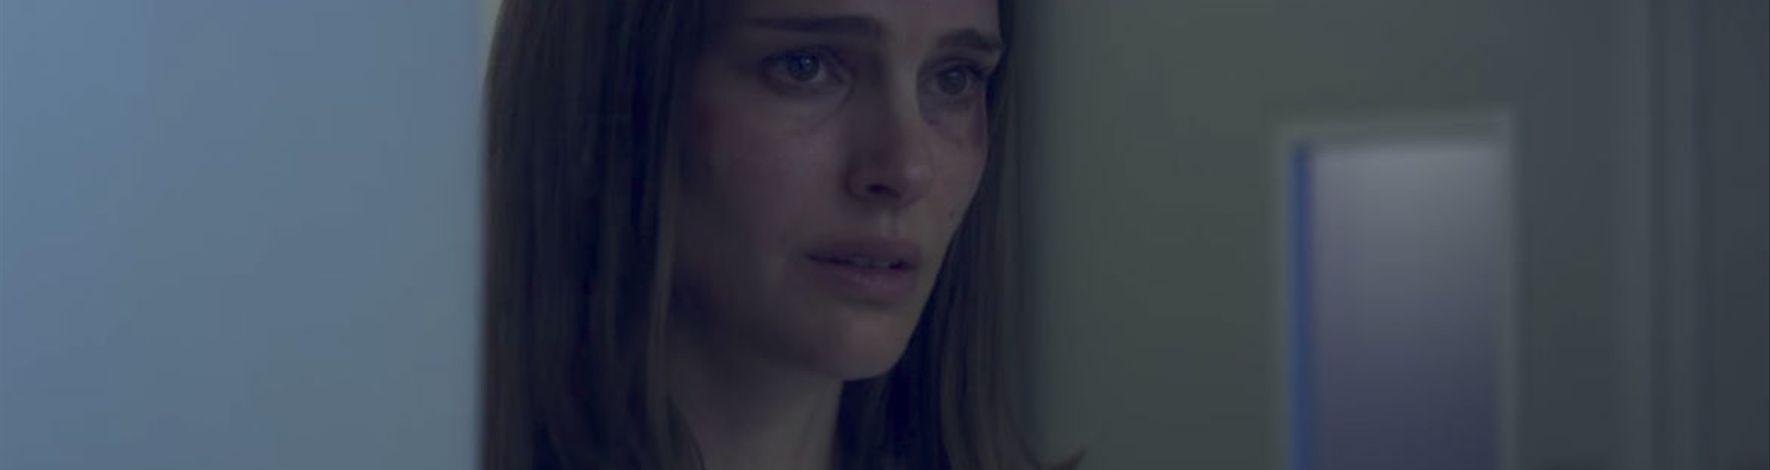 Divulgado o primeiro trailer de 'Annihilation', com Natalie Portman